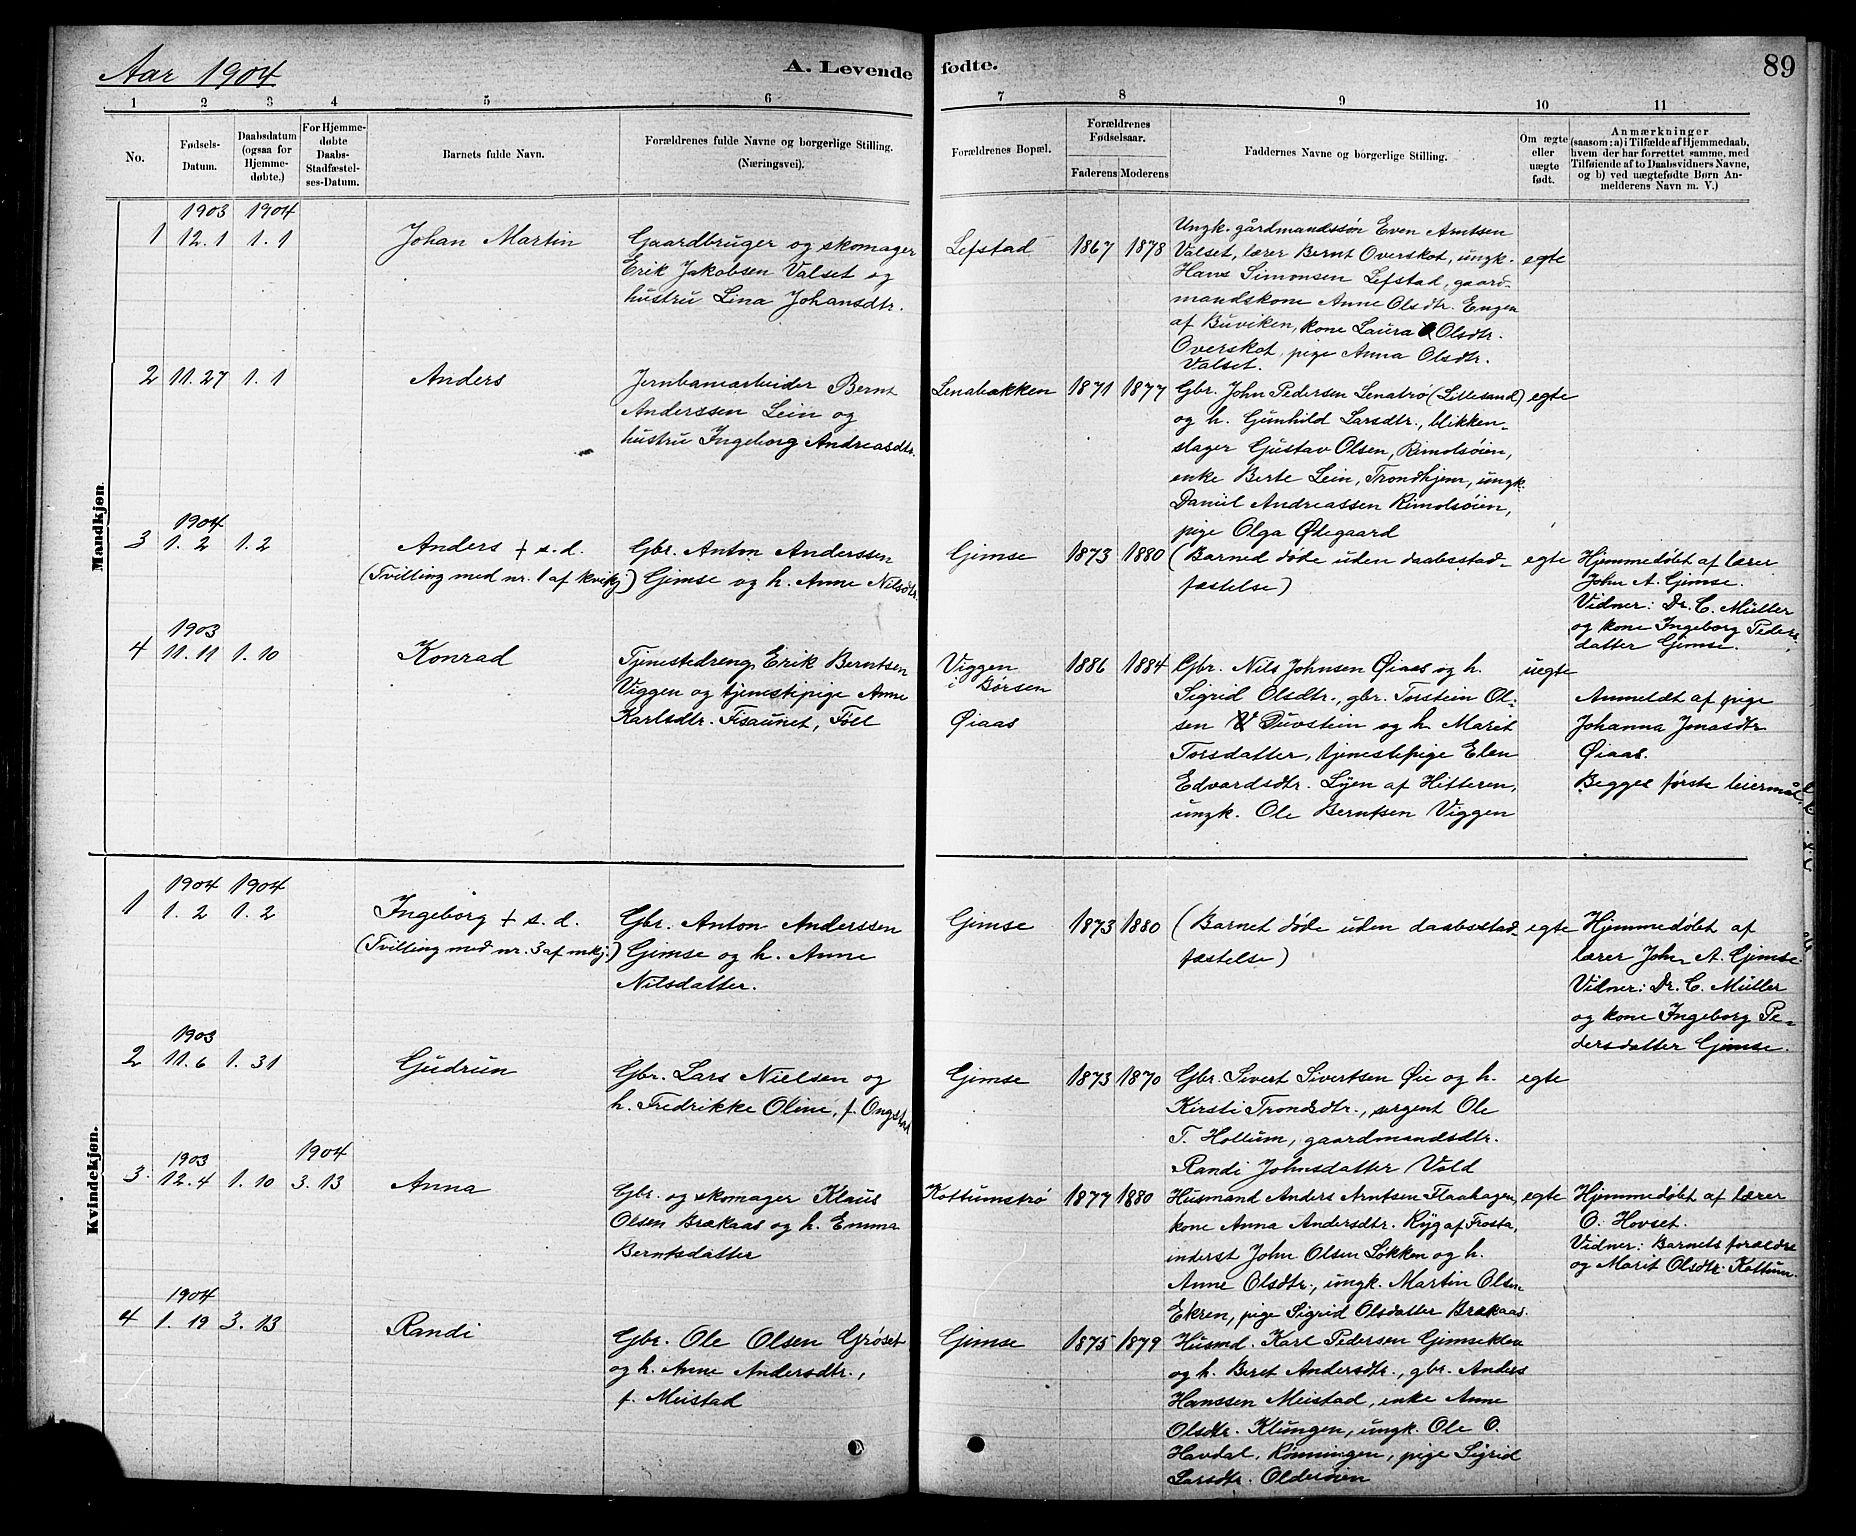 SAT, Ministerialprotokoller, klokkerbøker og fødselsregistre - Sør-Trøndelag, 691/L1094: Klokkerbok nr. 691C05, 1879-1911, s. 89